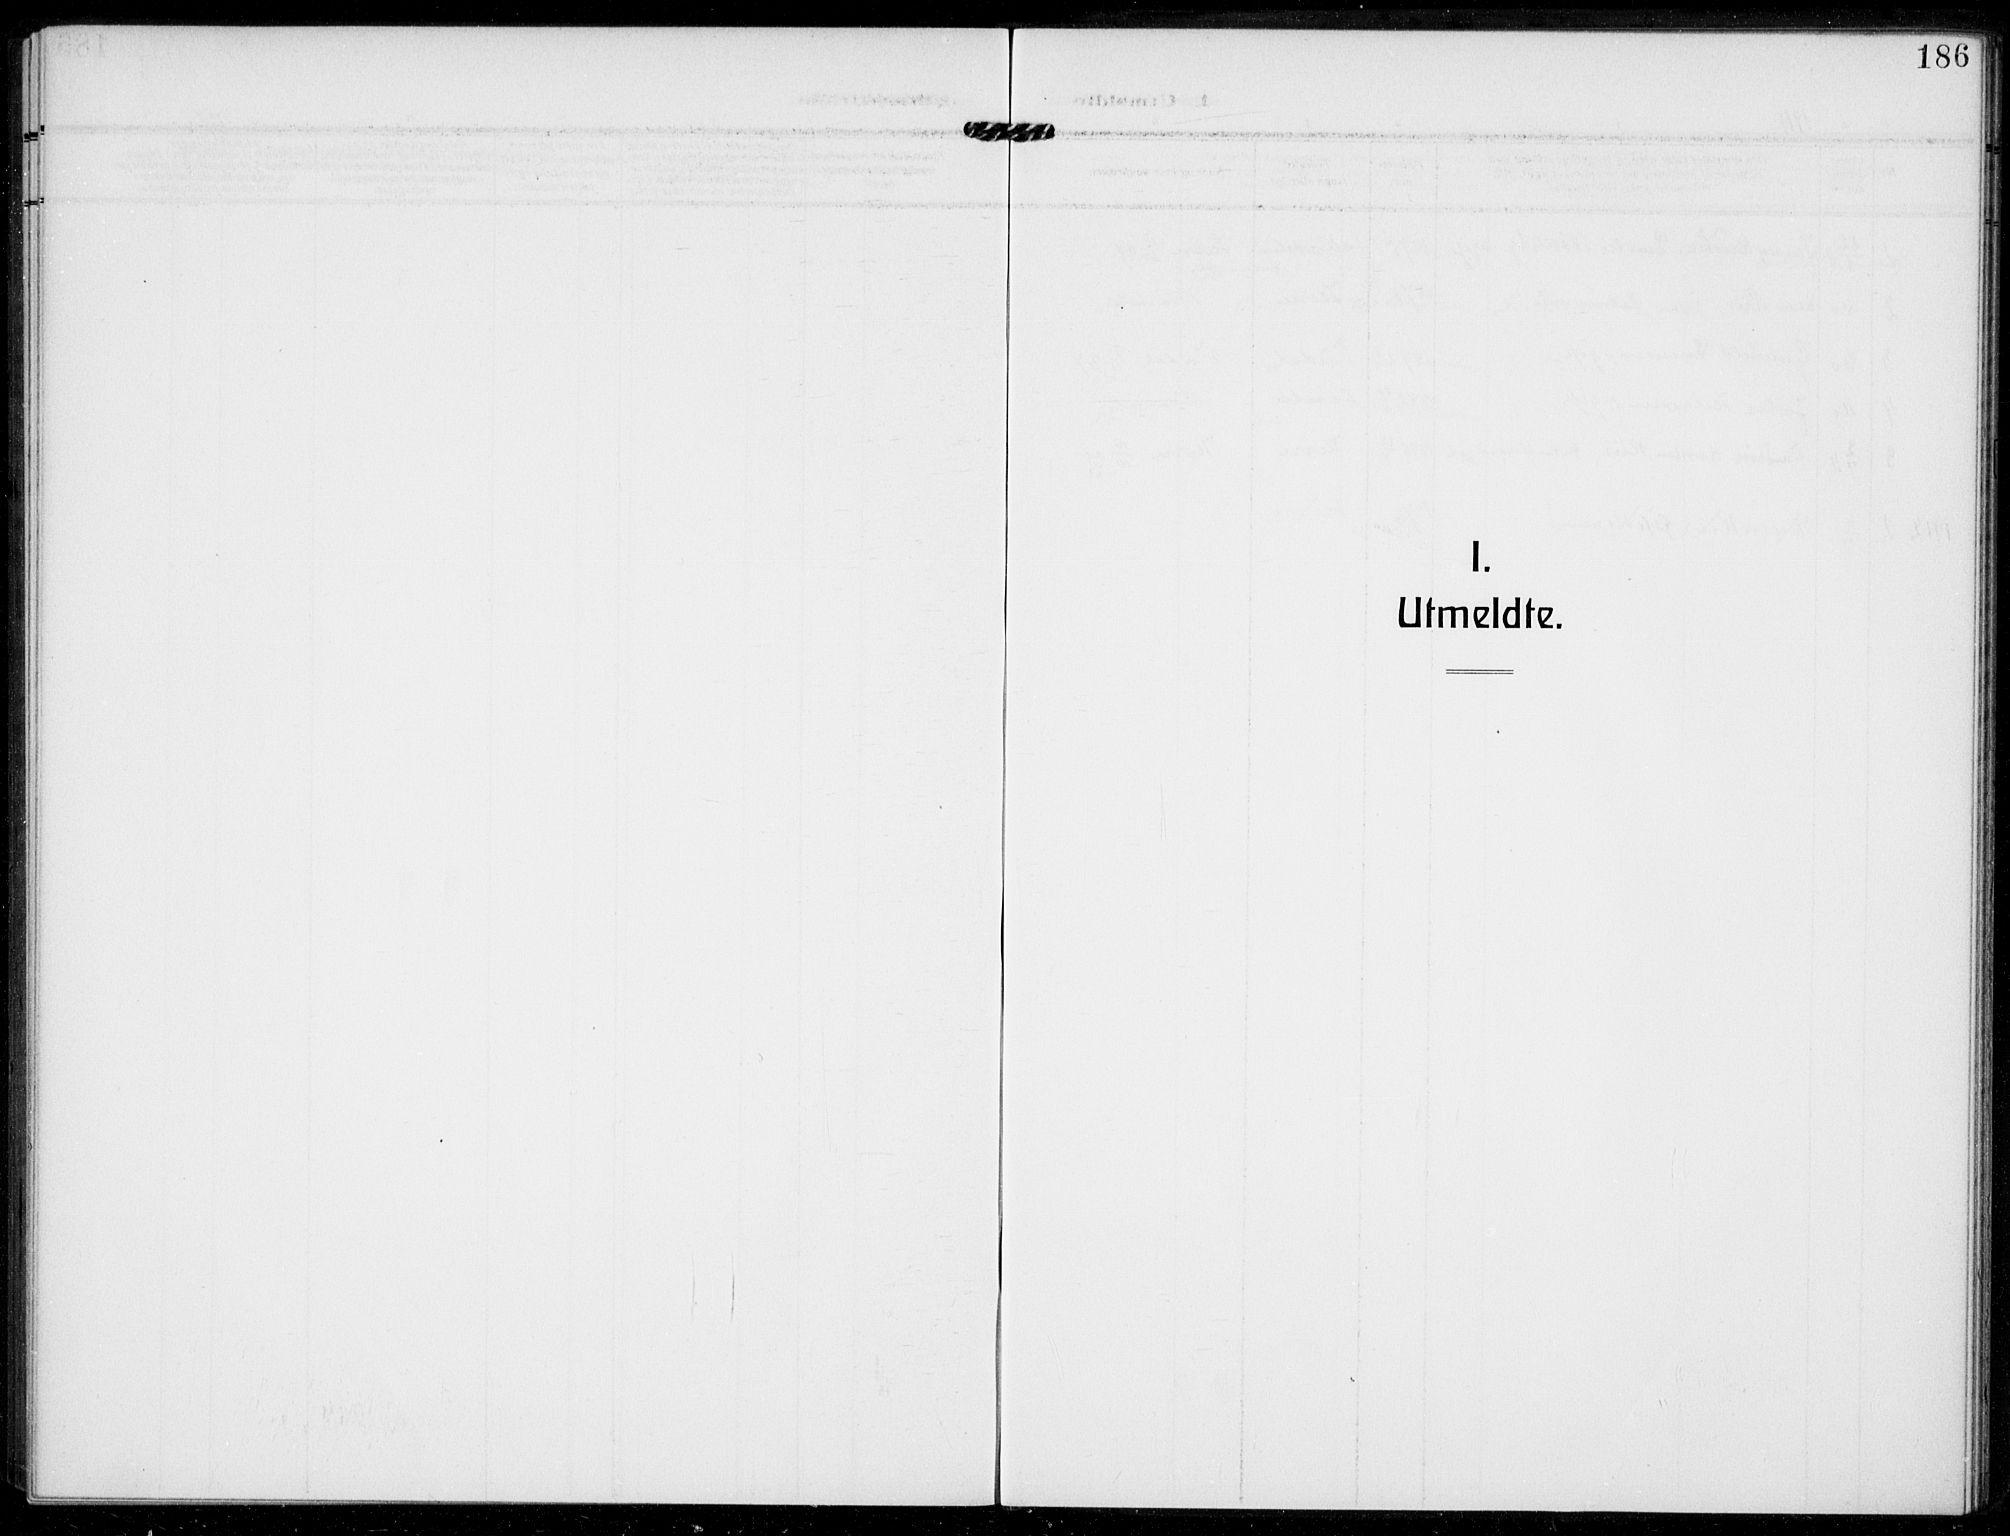 SAKO, Bamble kirkebøker, F/Fc/L0001: Ministerialbok nr. III 1, 1909-1916, s. 186